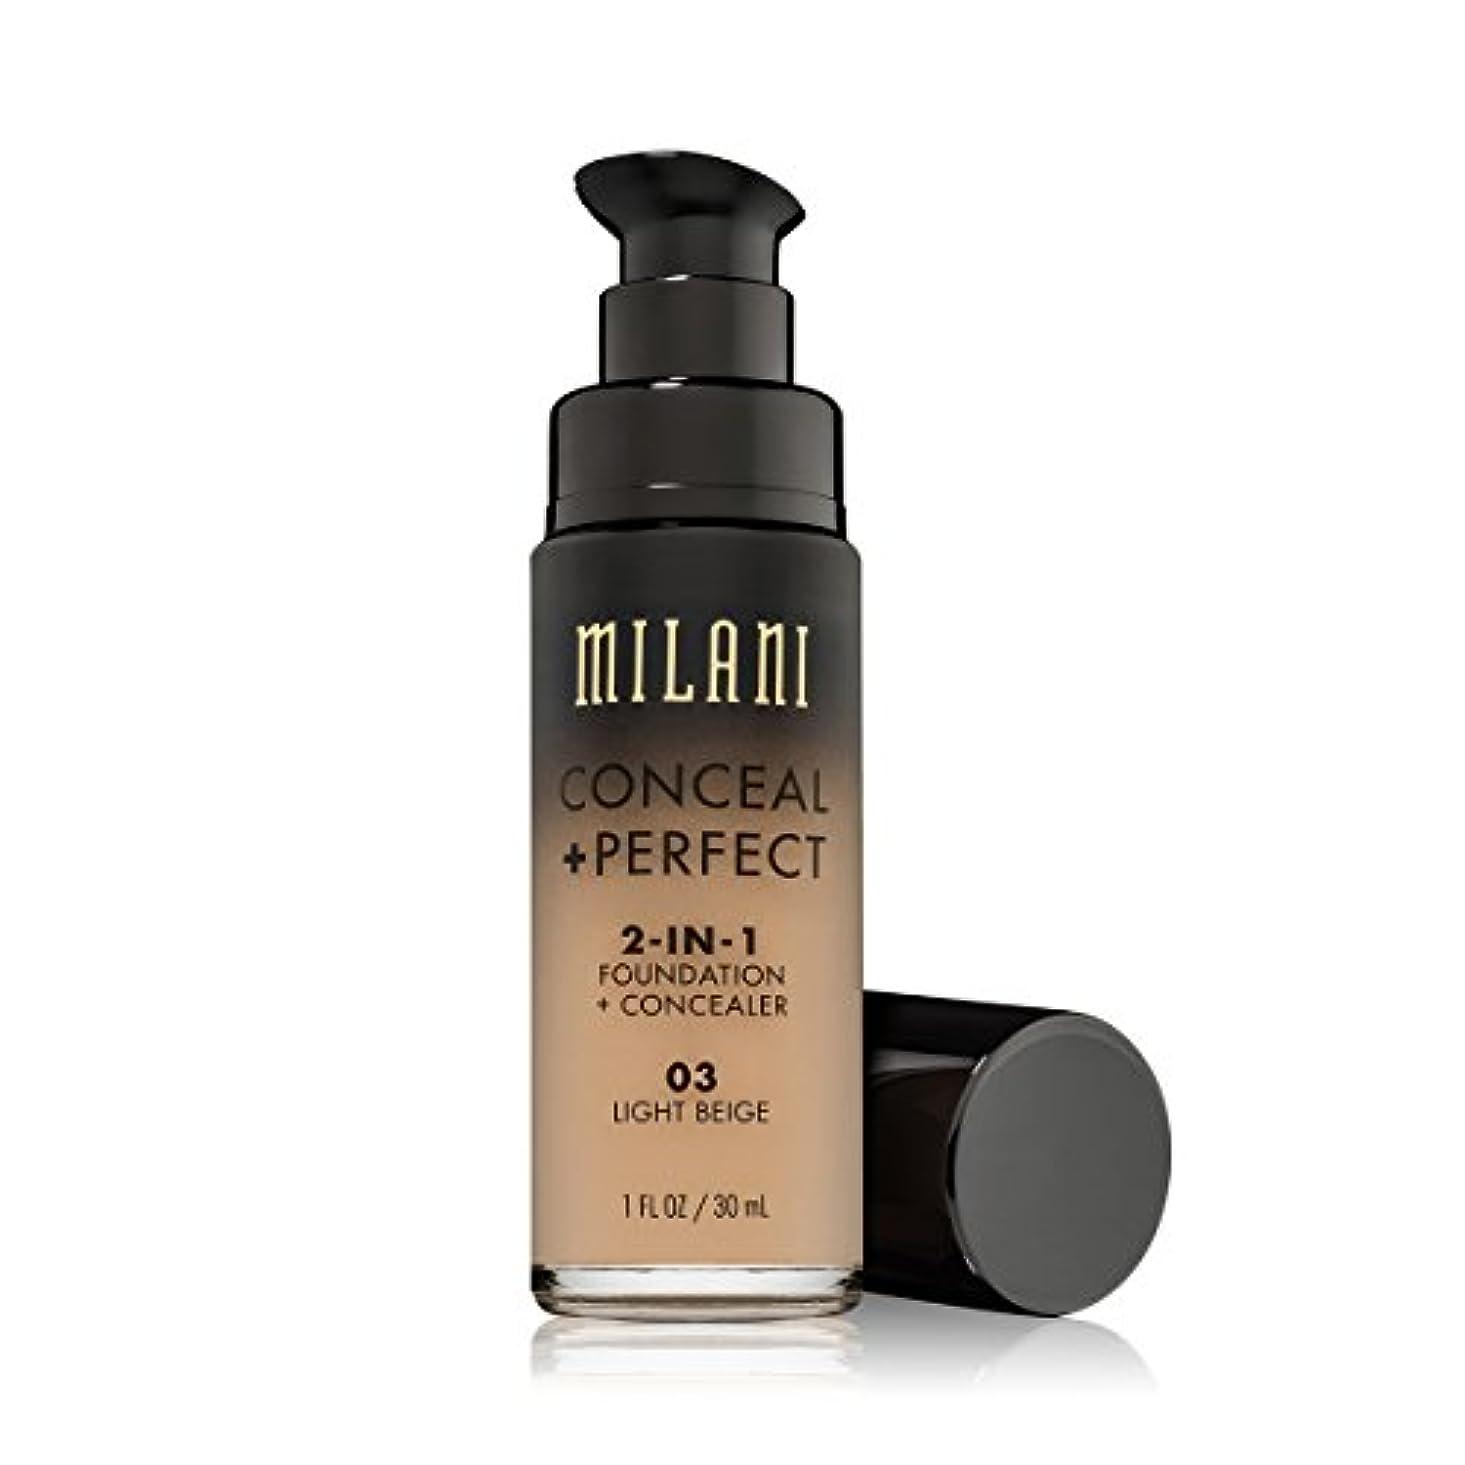 露出度の高い火弾丸MILANI Conceal + Perfect 2-In-1 Foundation + Concealer - Light Beige (並行輸入品)